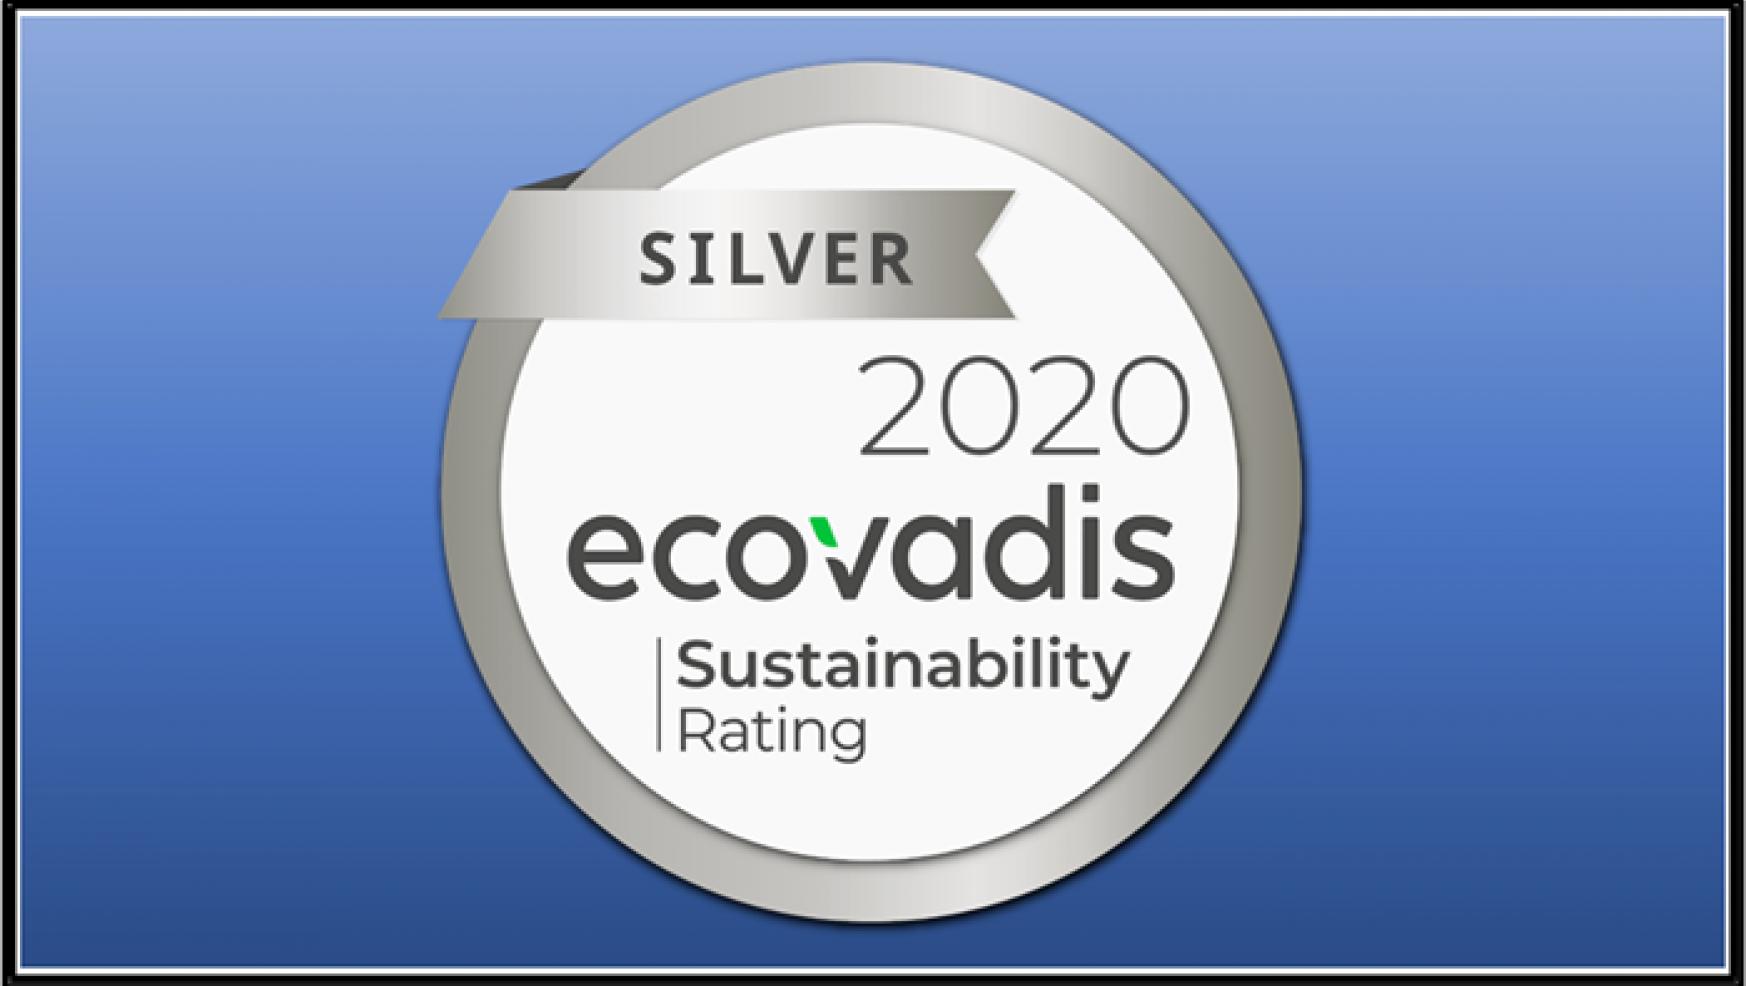 2020 EcoVadis Silver Award